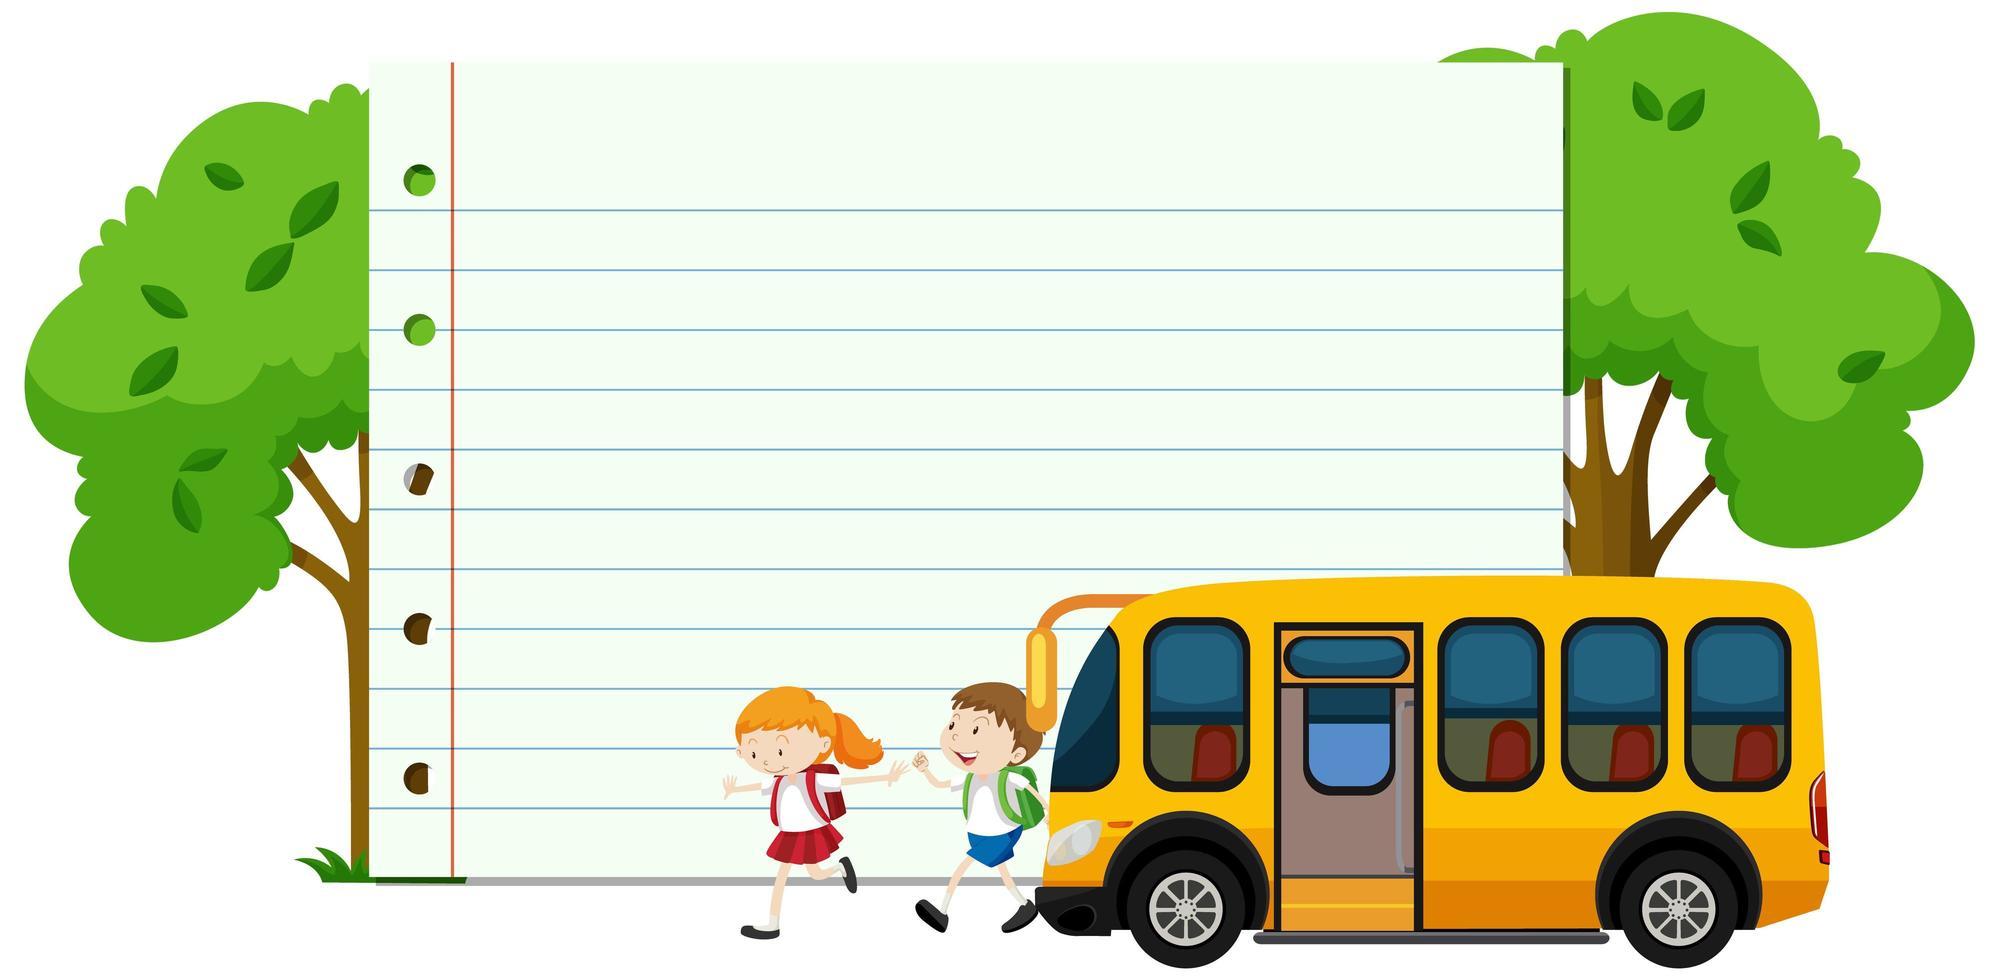 Plantilla de marco con niños en edad escolar vector